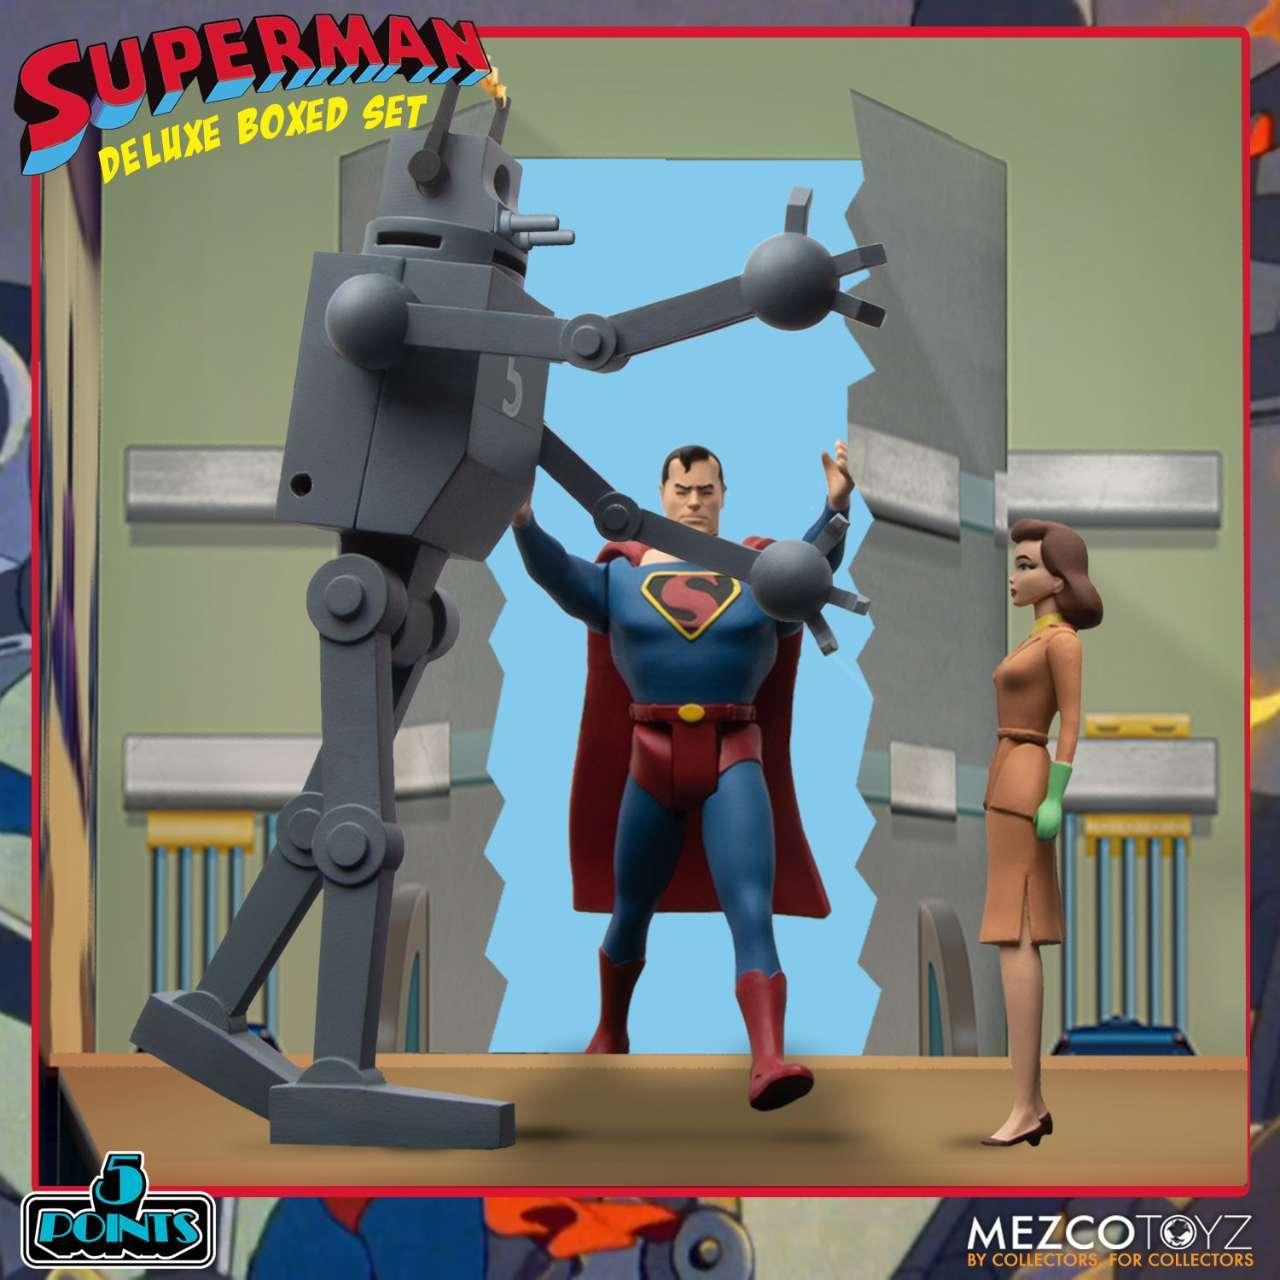 mezco-superman-5